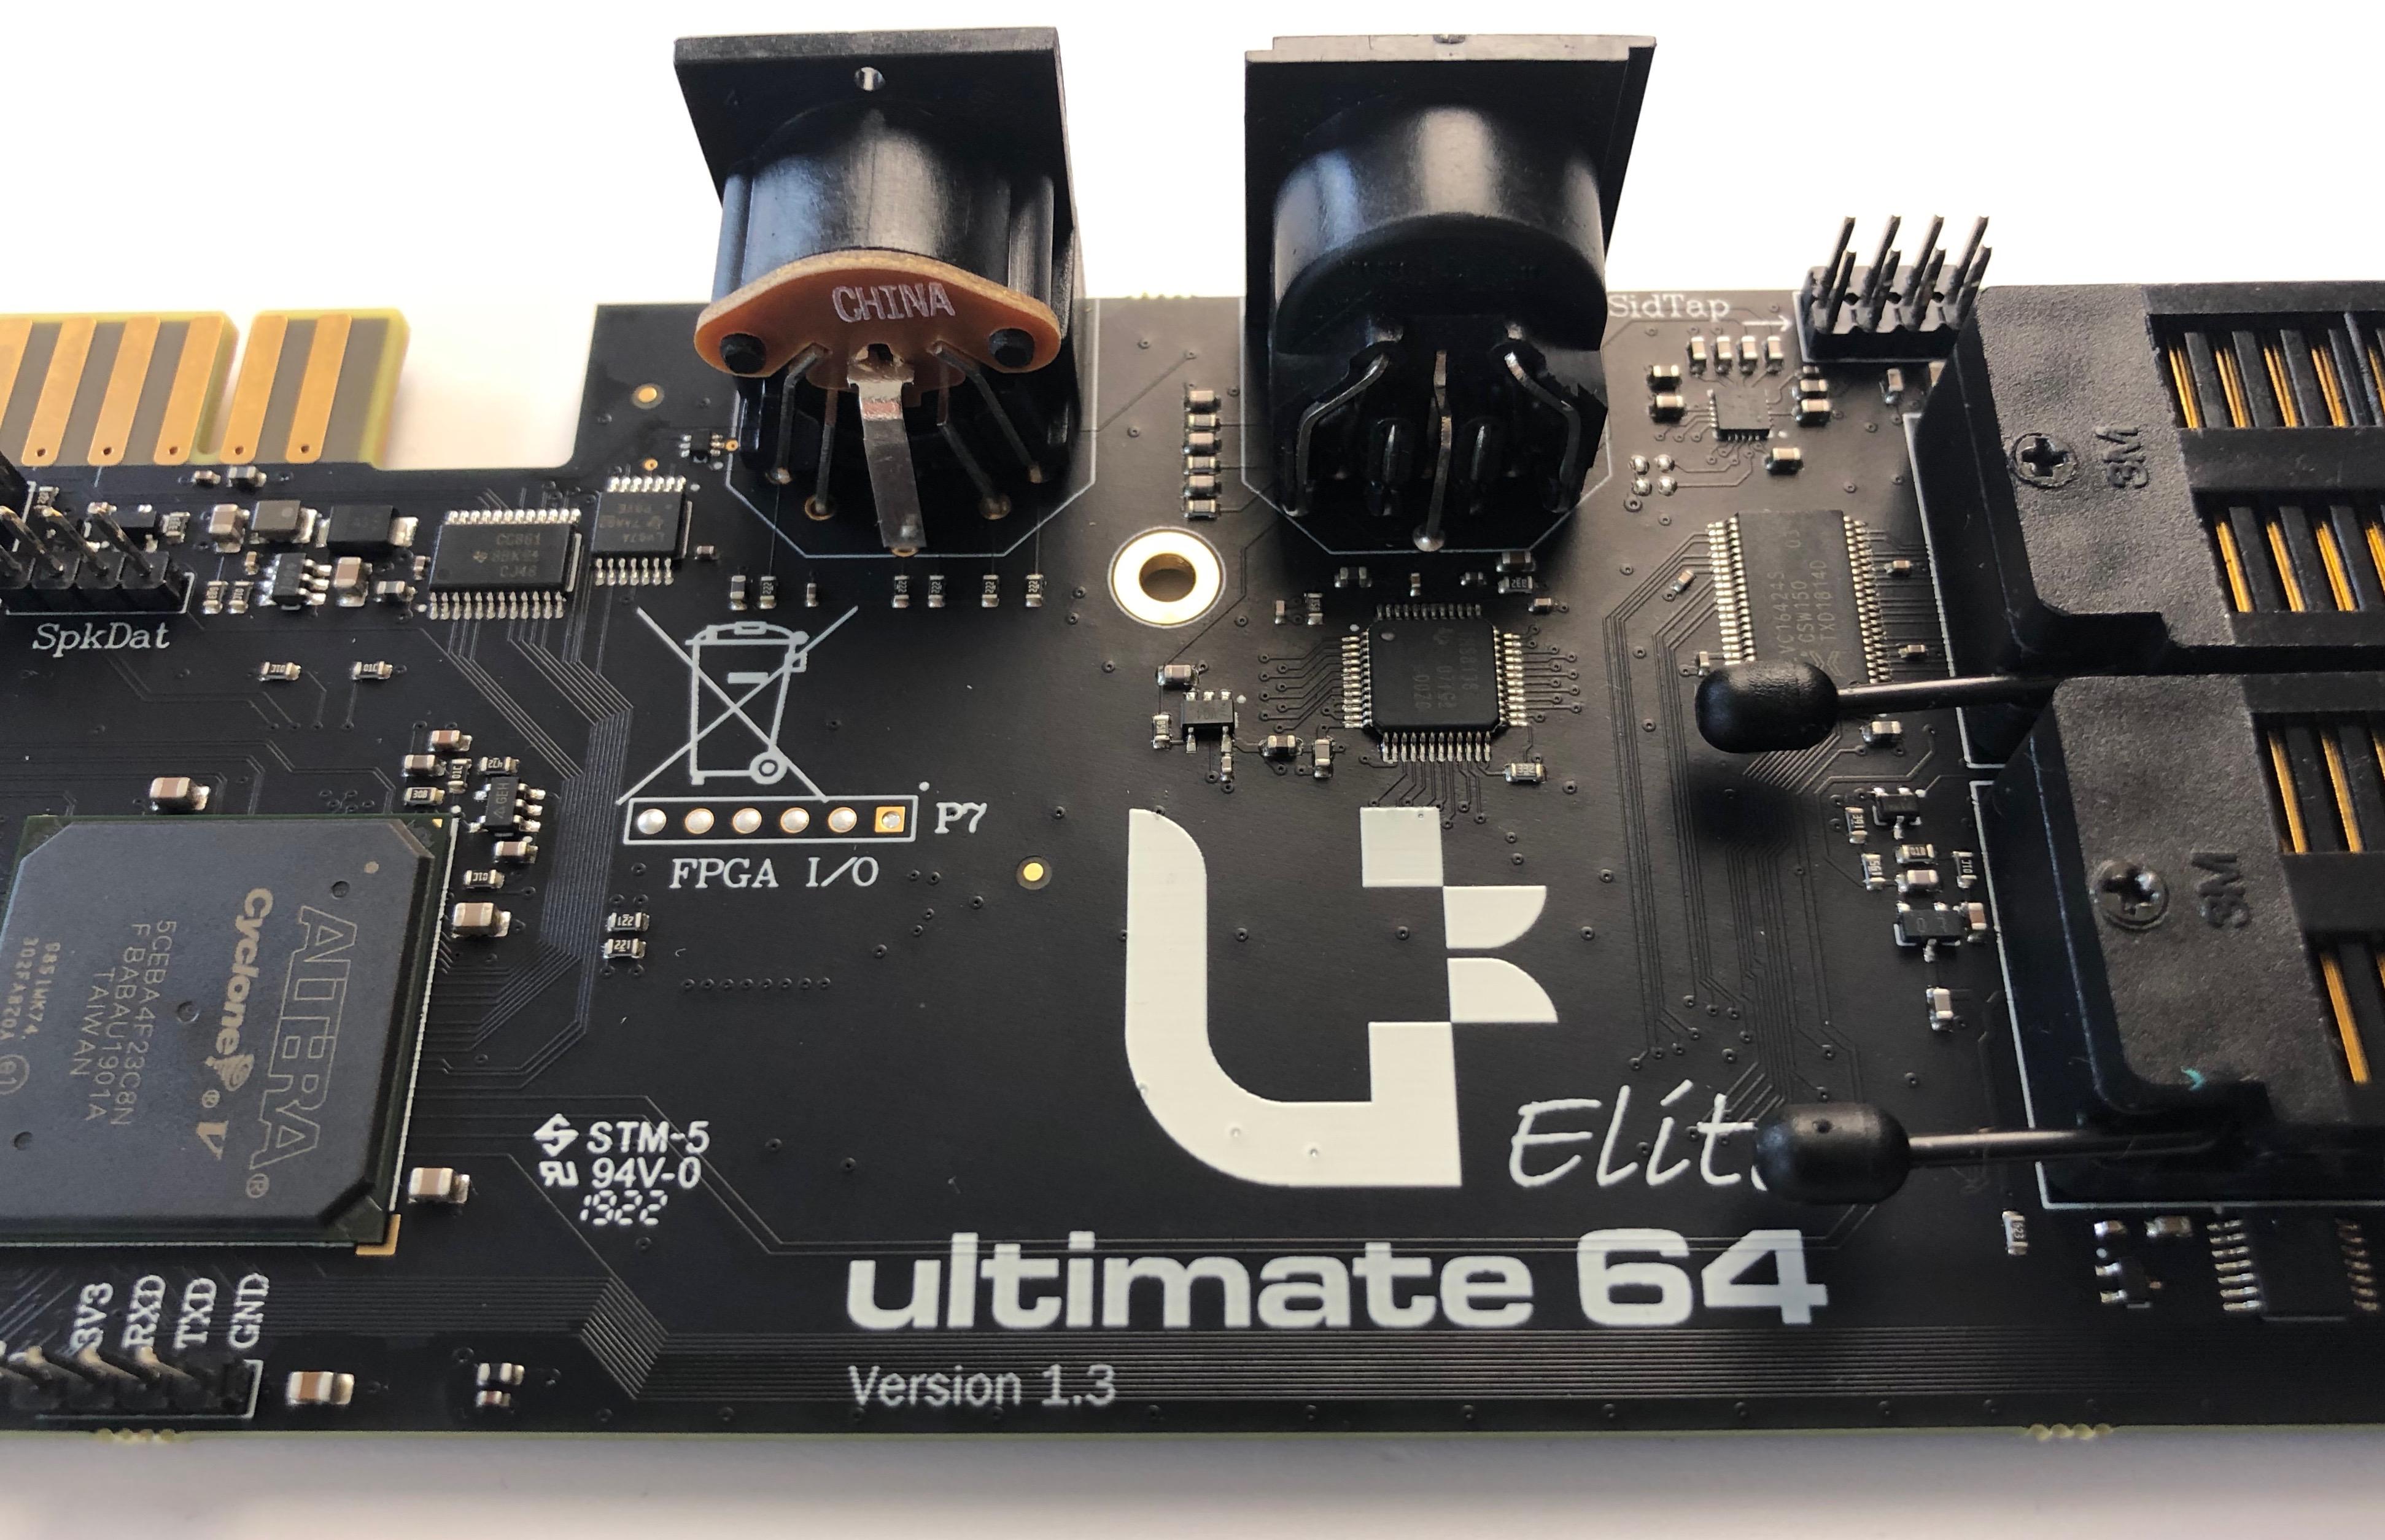 Ultimate 64, Ultimate 64 Elite – Commodore